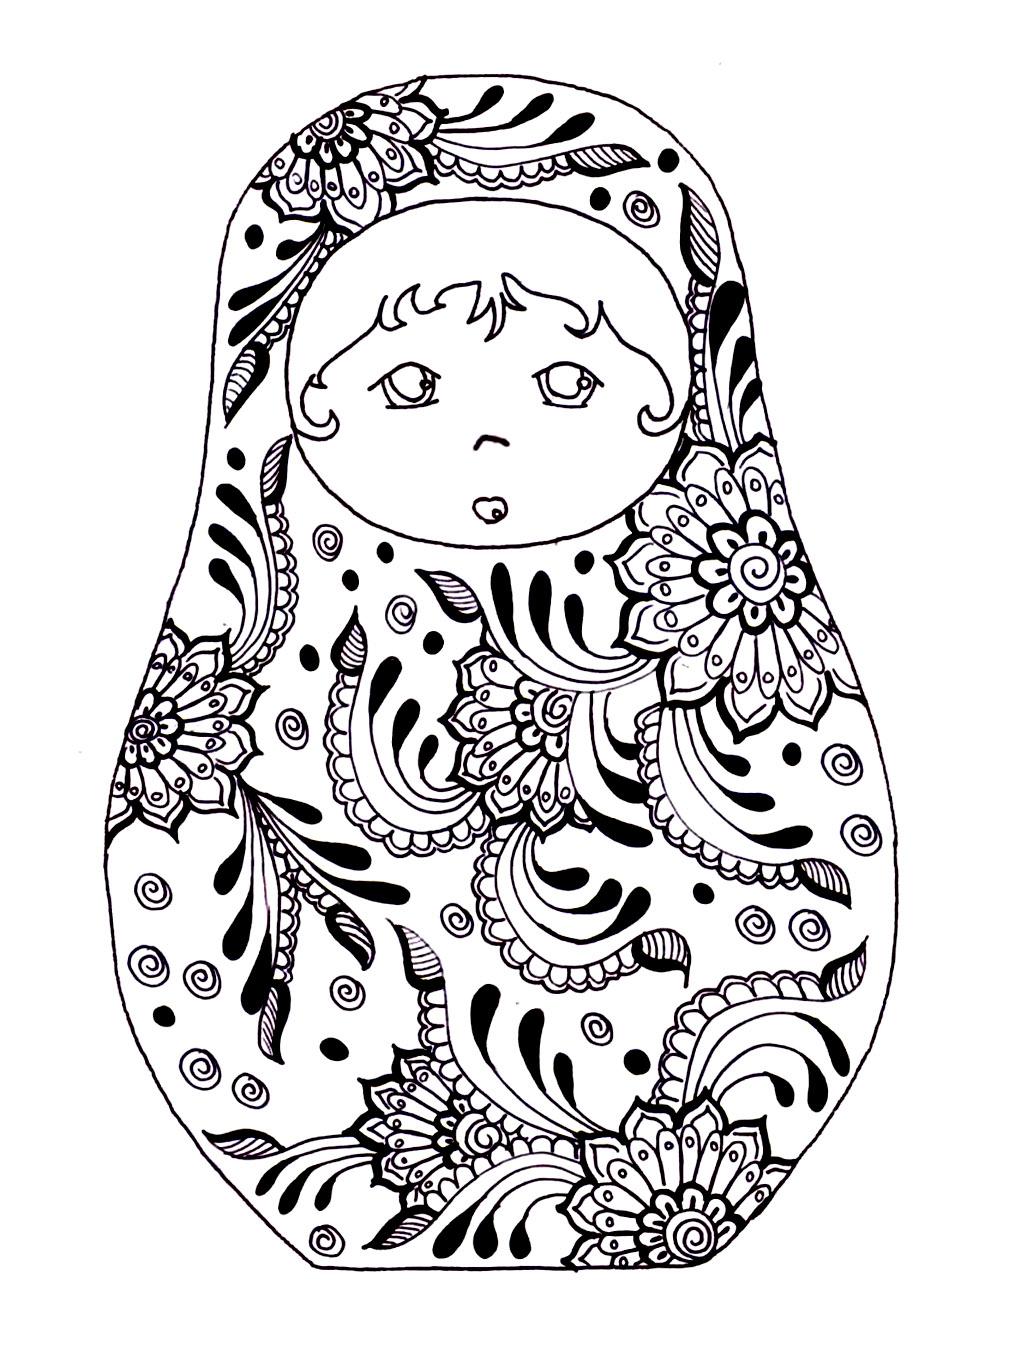 Disegni da colorare per adulti : Bambole russe - 8